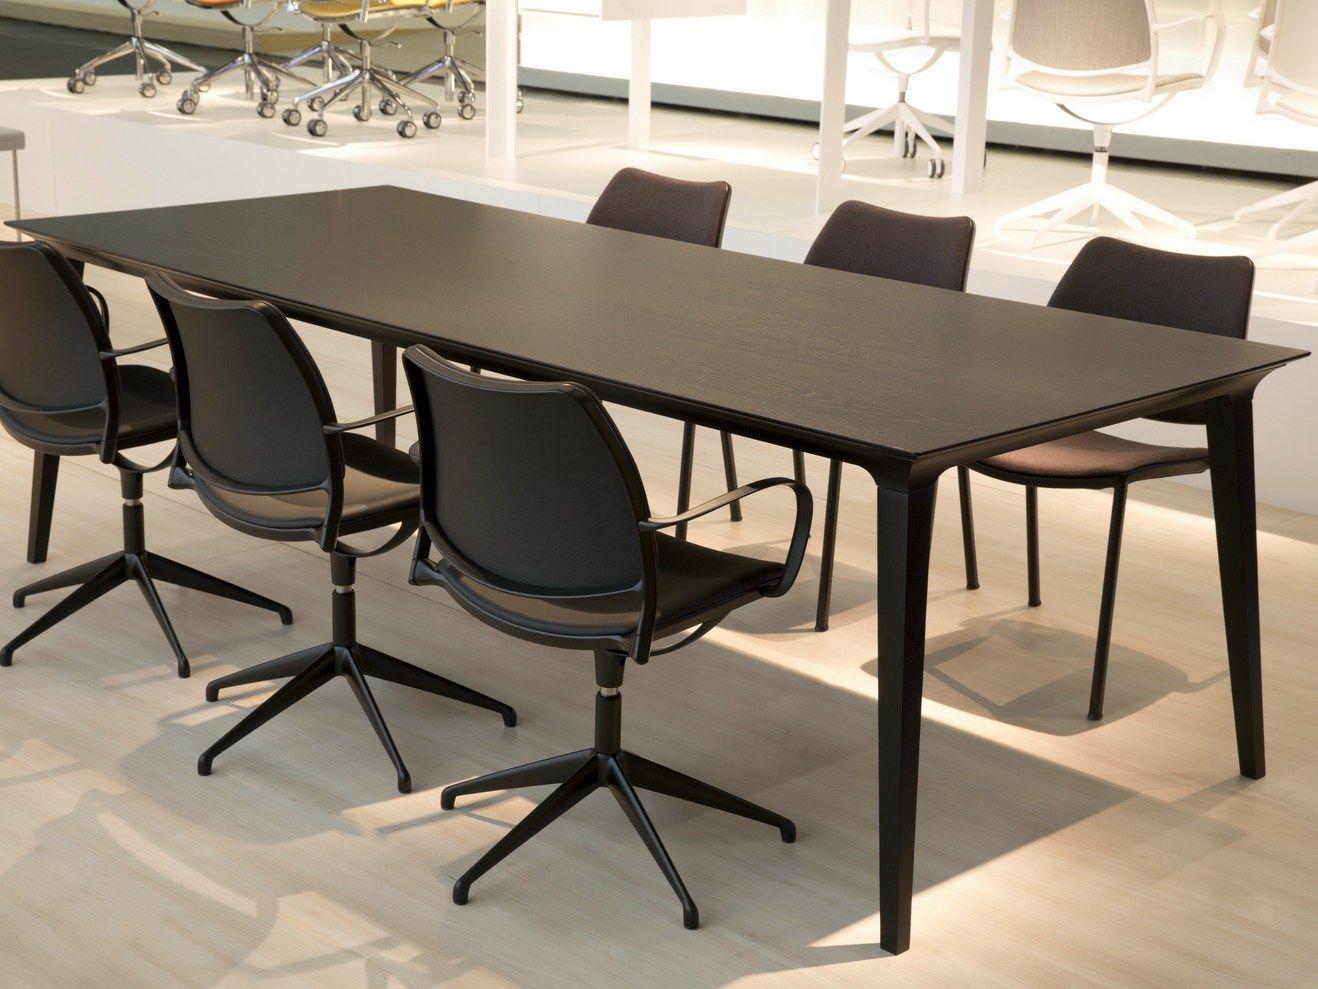 Lau tavolo rettangolare by stua design jes s gasca for Tavolo rettangolare design